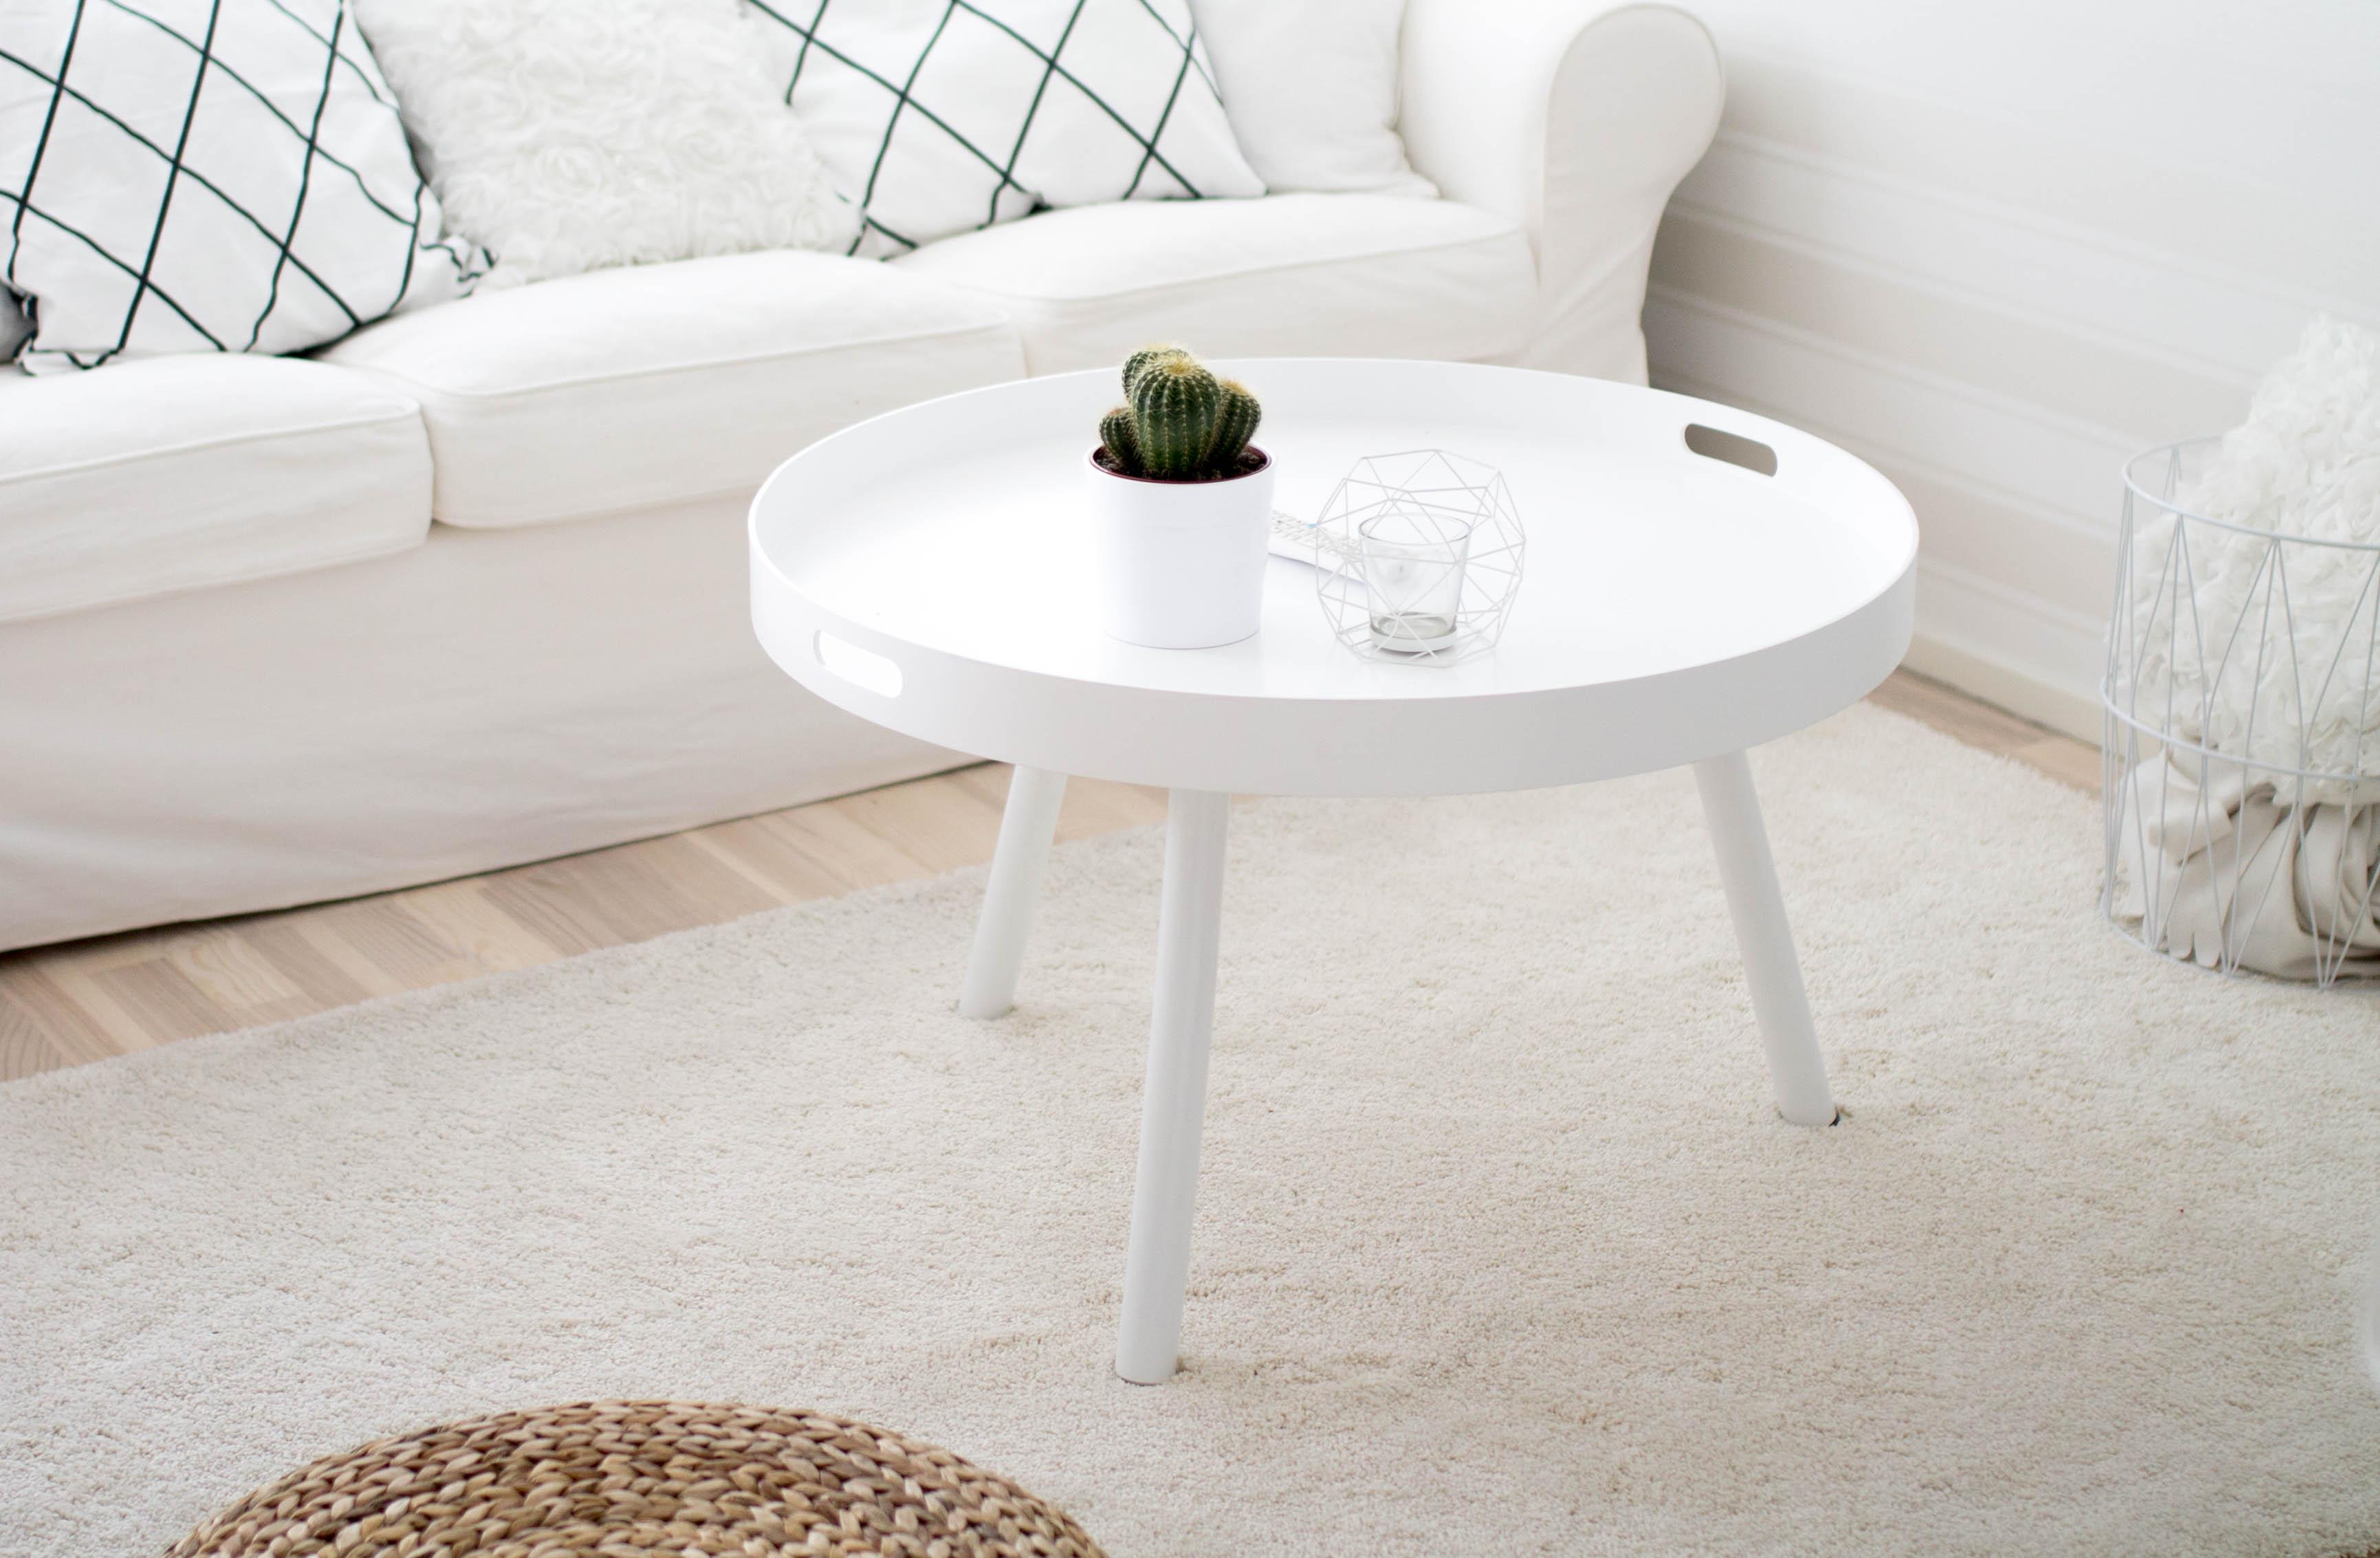 valkoinen pöyreä pöytä